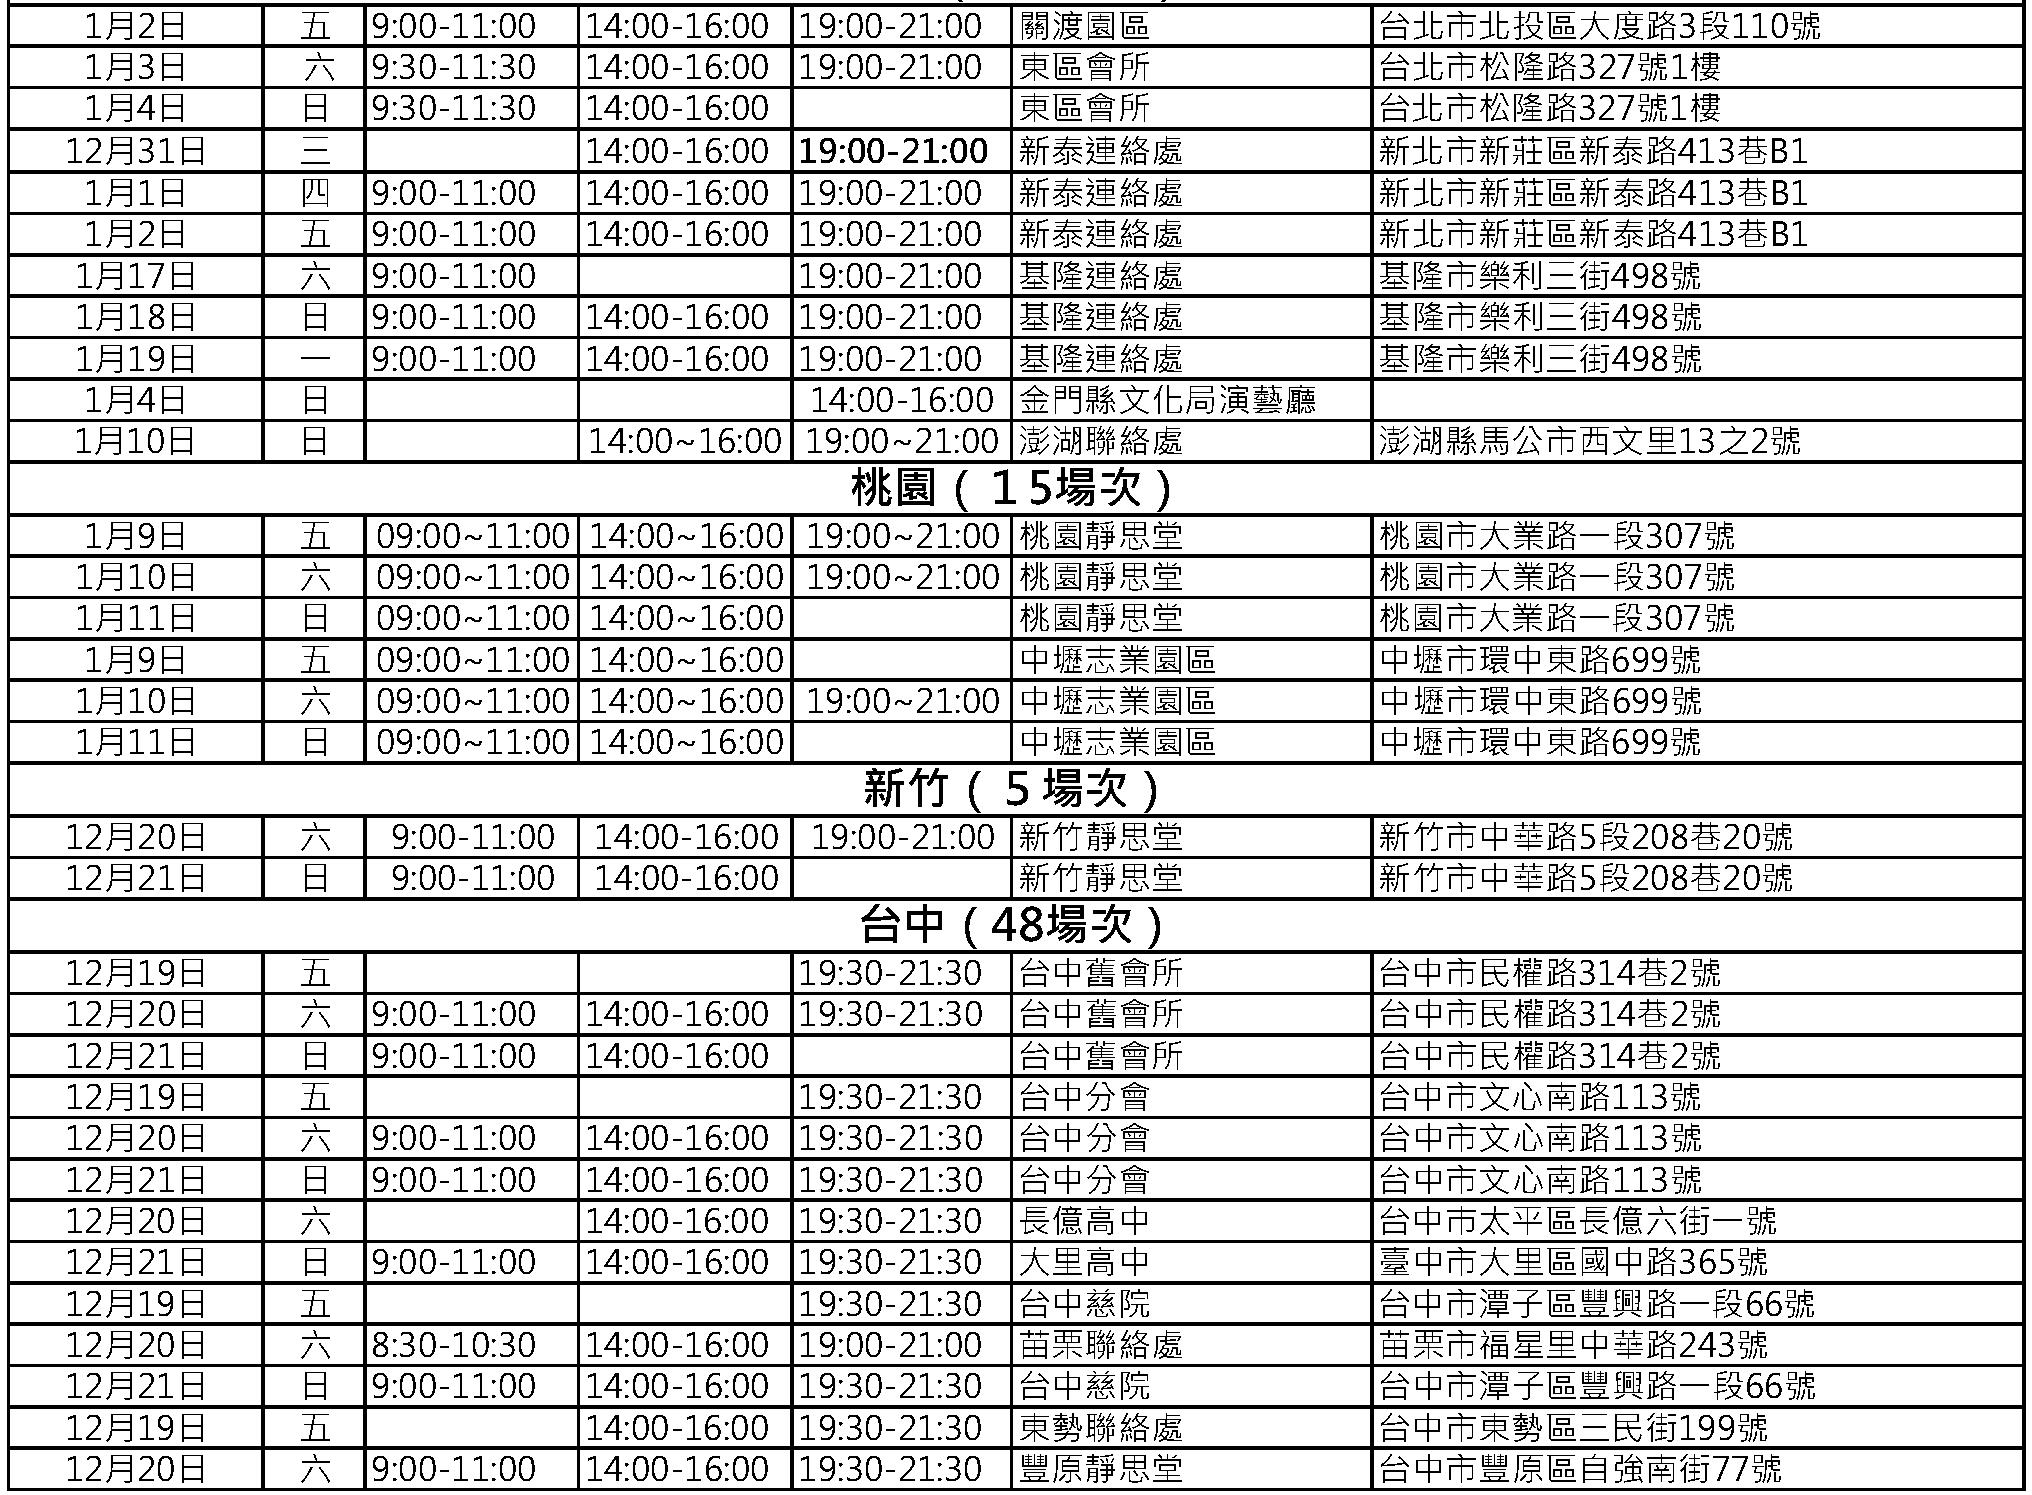 2014年慈濟全省社區歲末祝福場次彙整20141205_頁面_2.png